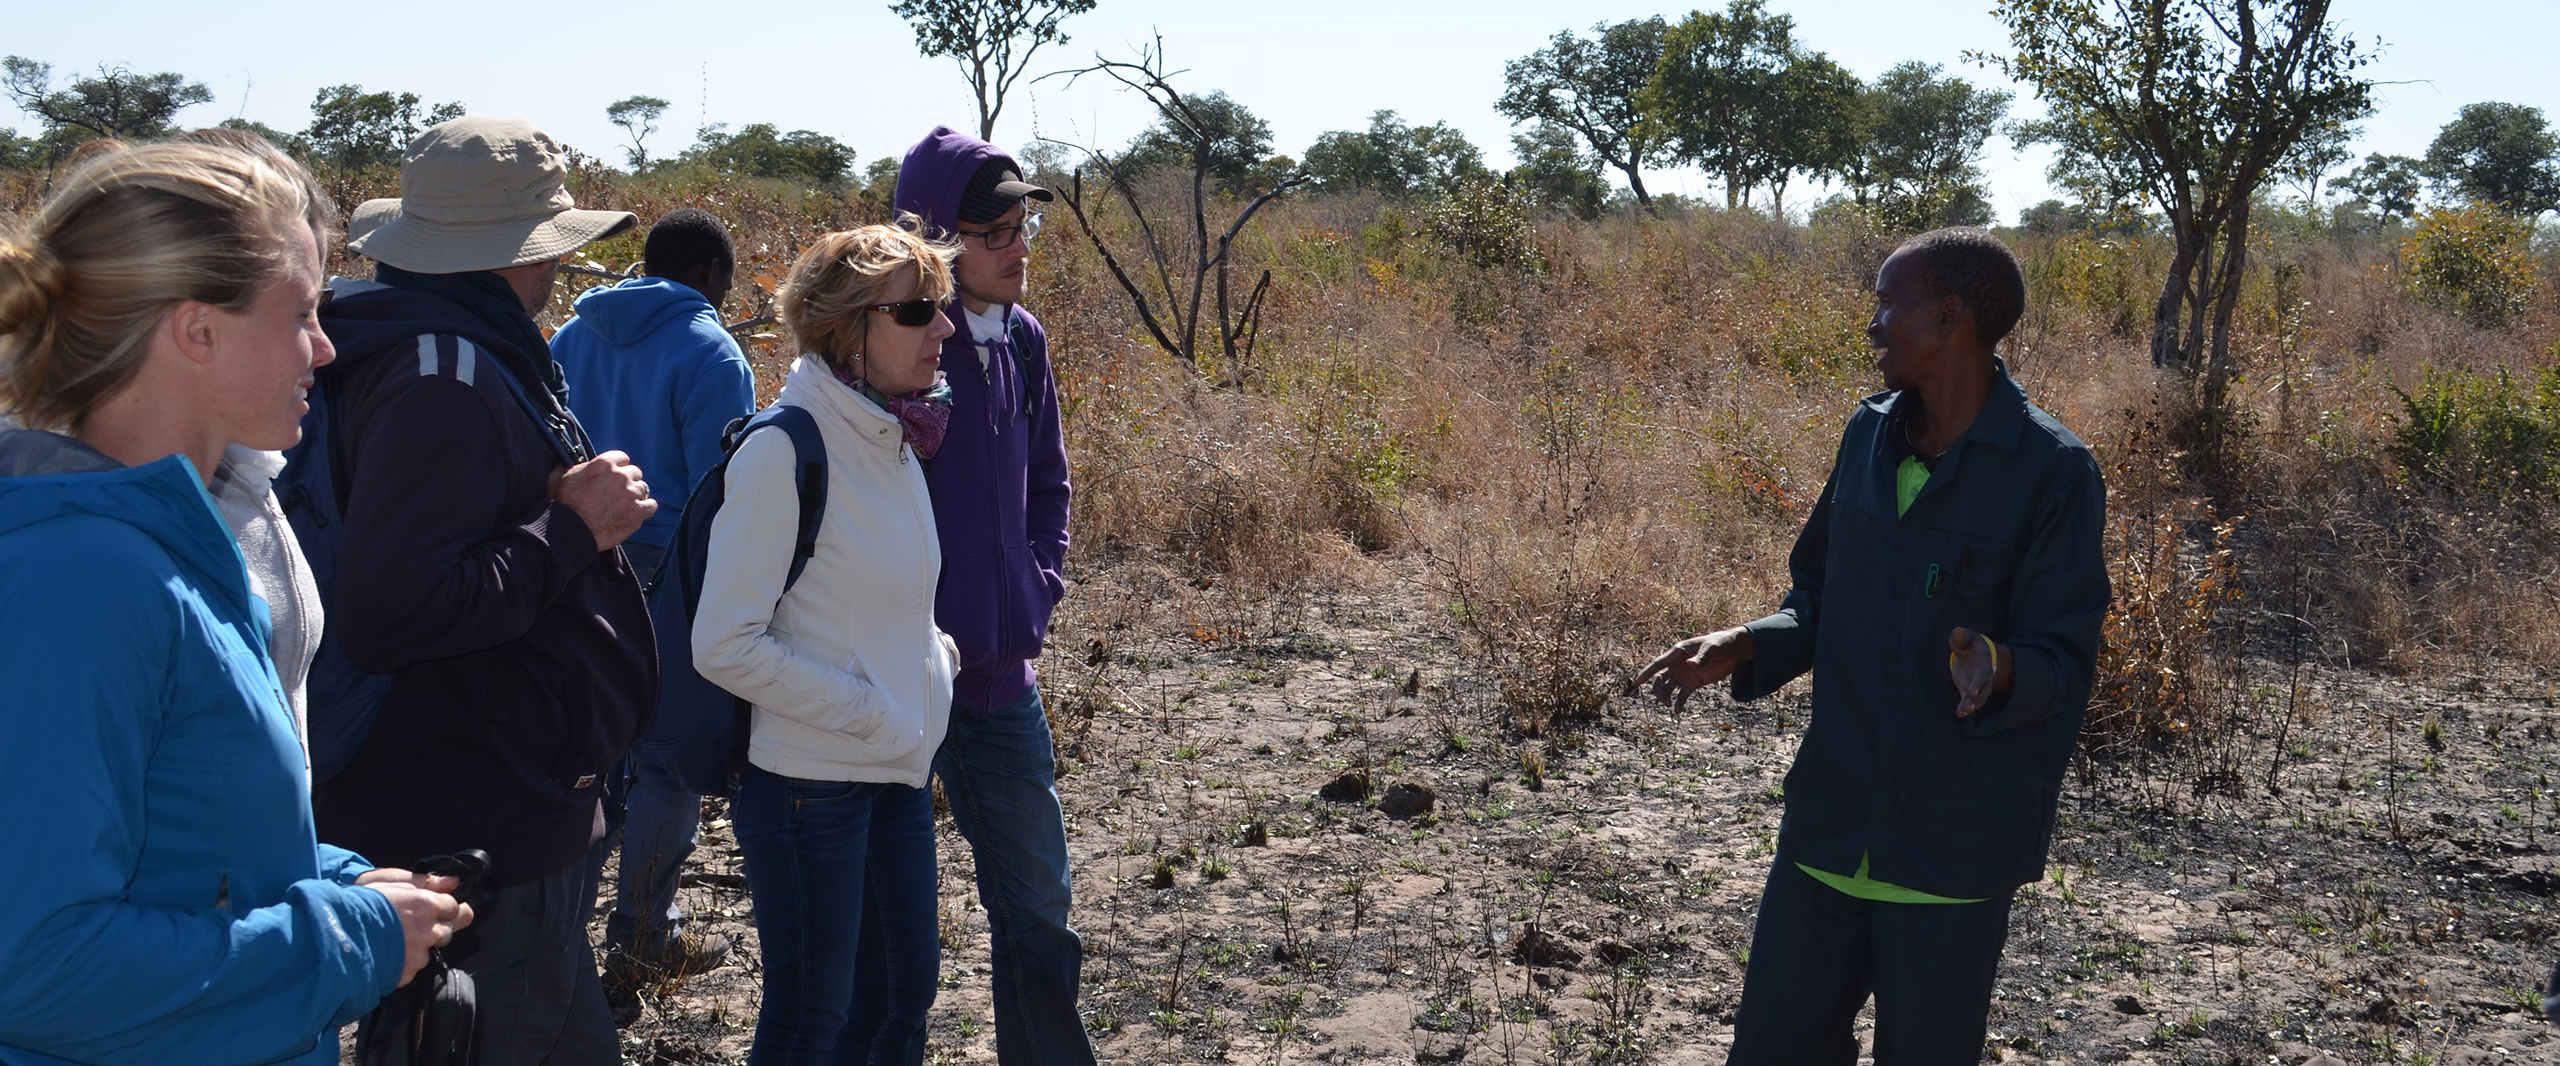 Reisegruppe erfaehrt mehr ueber das Spurenleserprojekt der Khwe